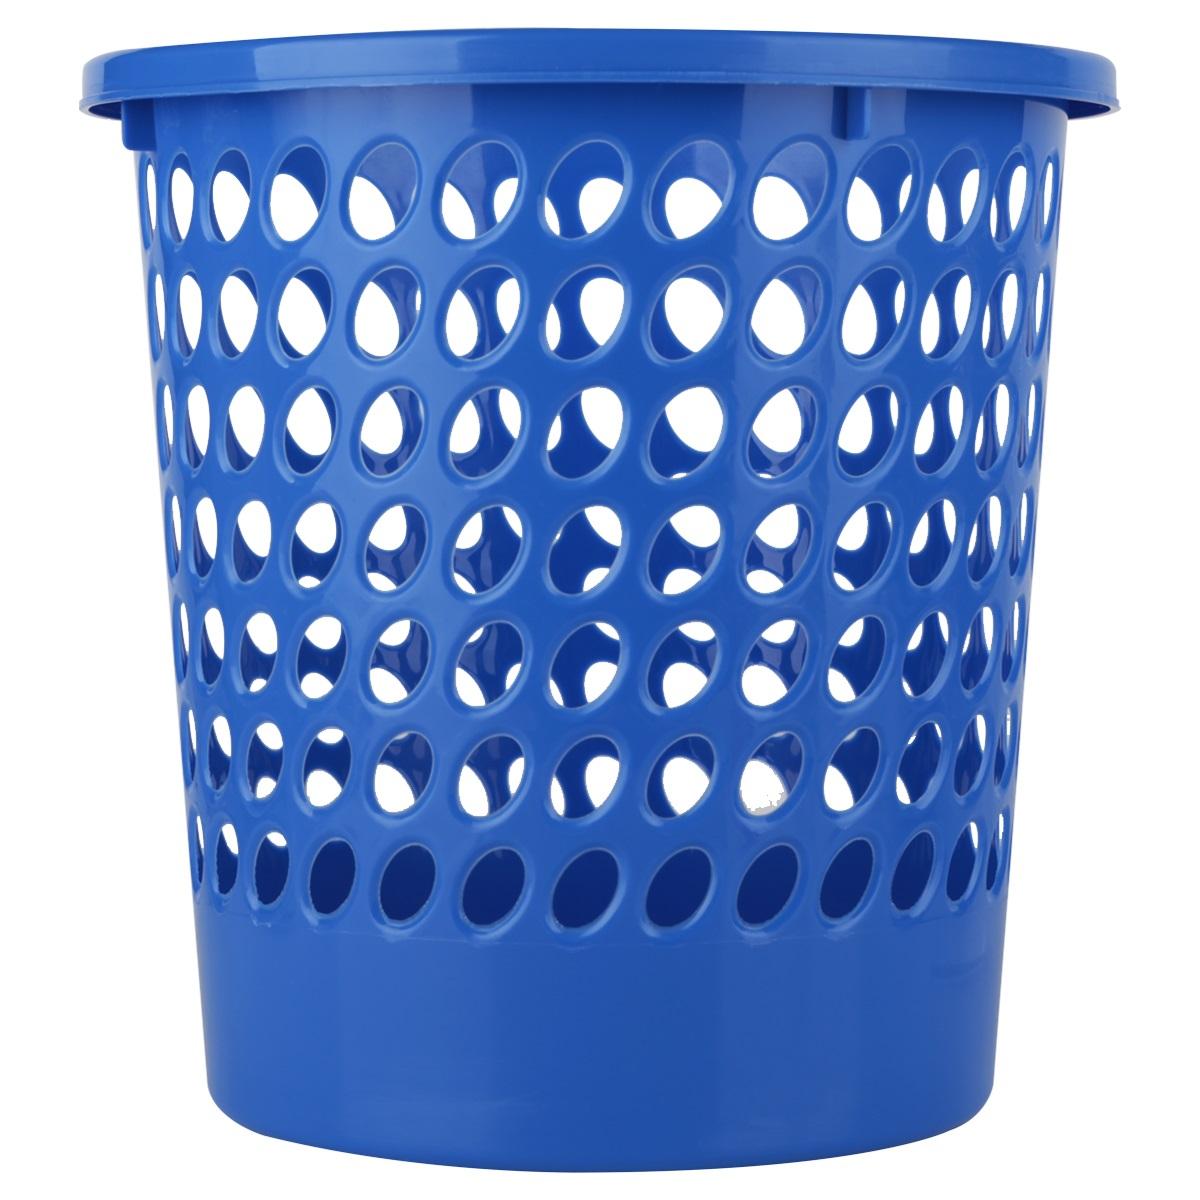 Бесплатная доставка компетентный 9556 мешок заброшенный бумага корзины многофункциональный пластик мусорный бак долго долго прочный выгодно